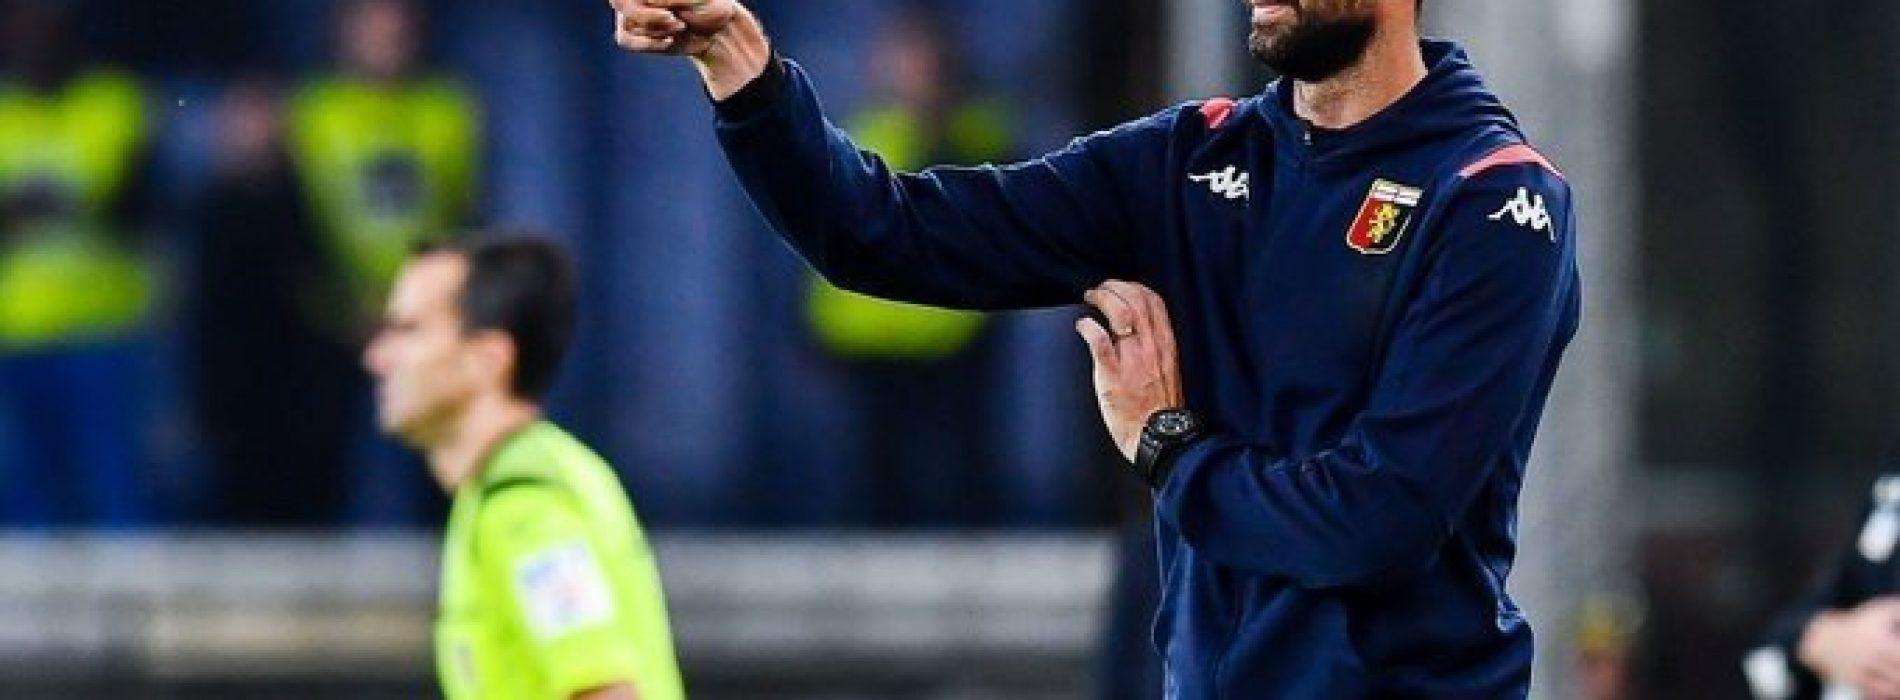 Convocati Genoa Ascoli Motta sorprende ancora